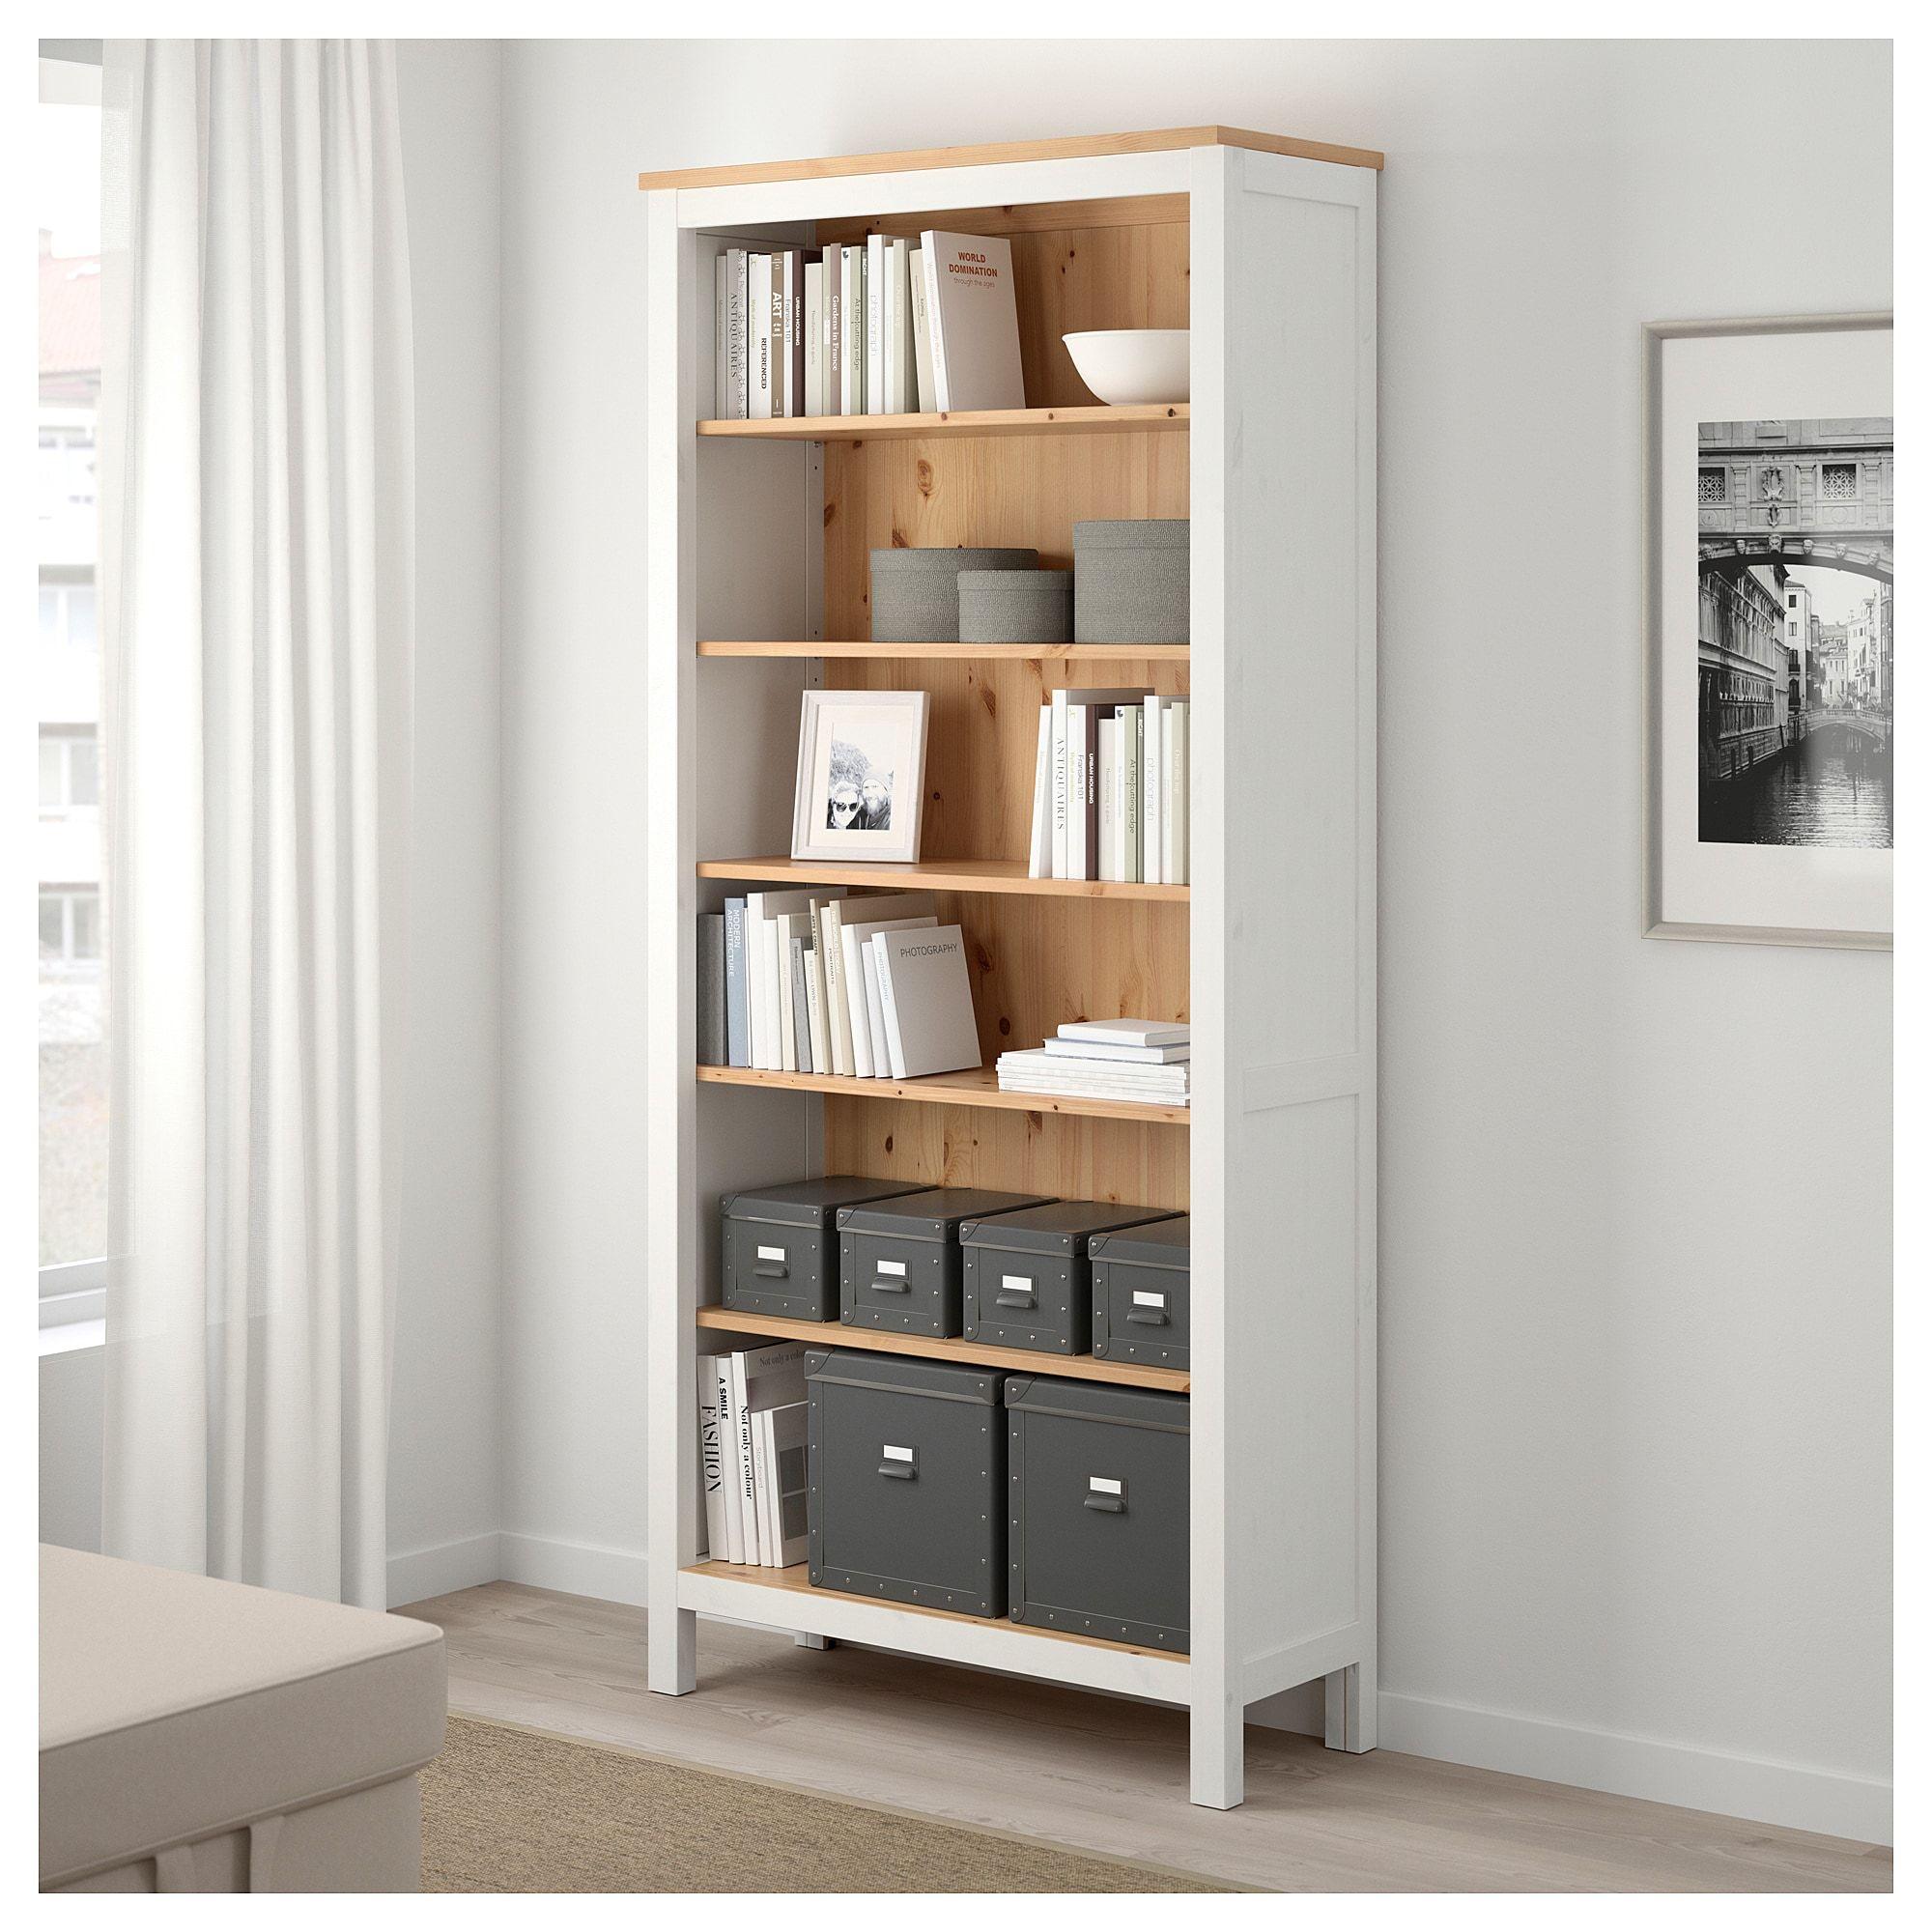 Hemnes Bookcase White Stainlight Brown 90 X 197 Cm